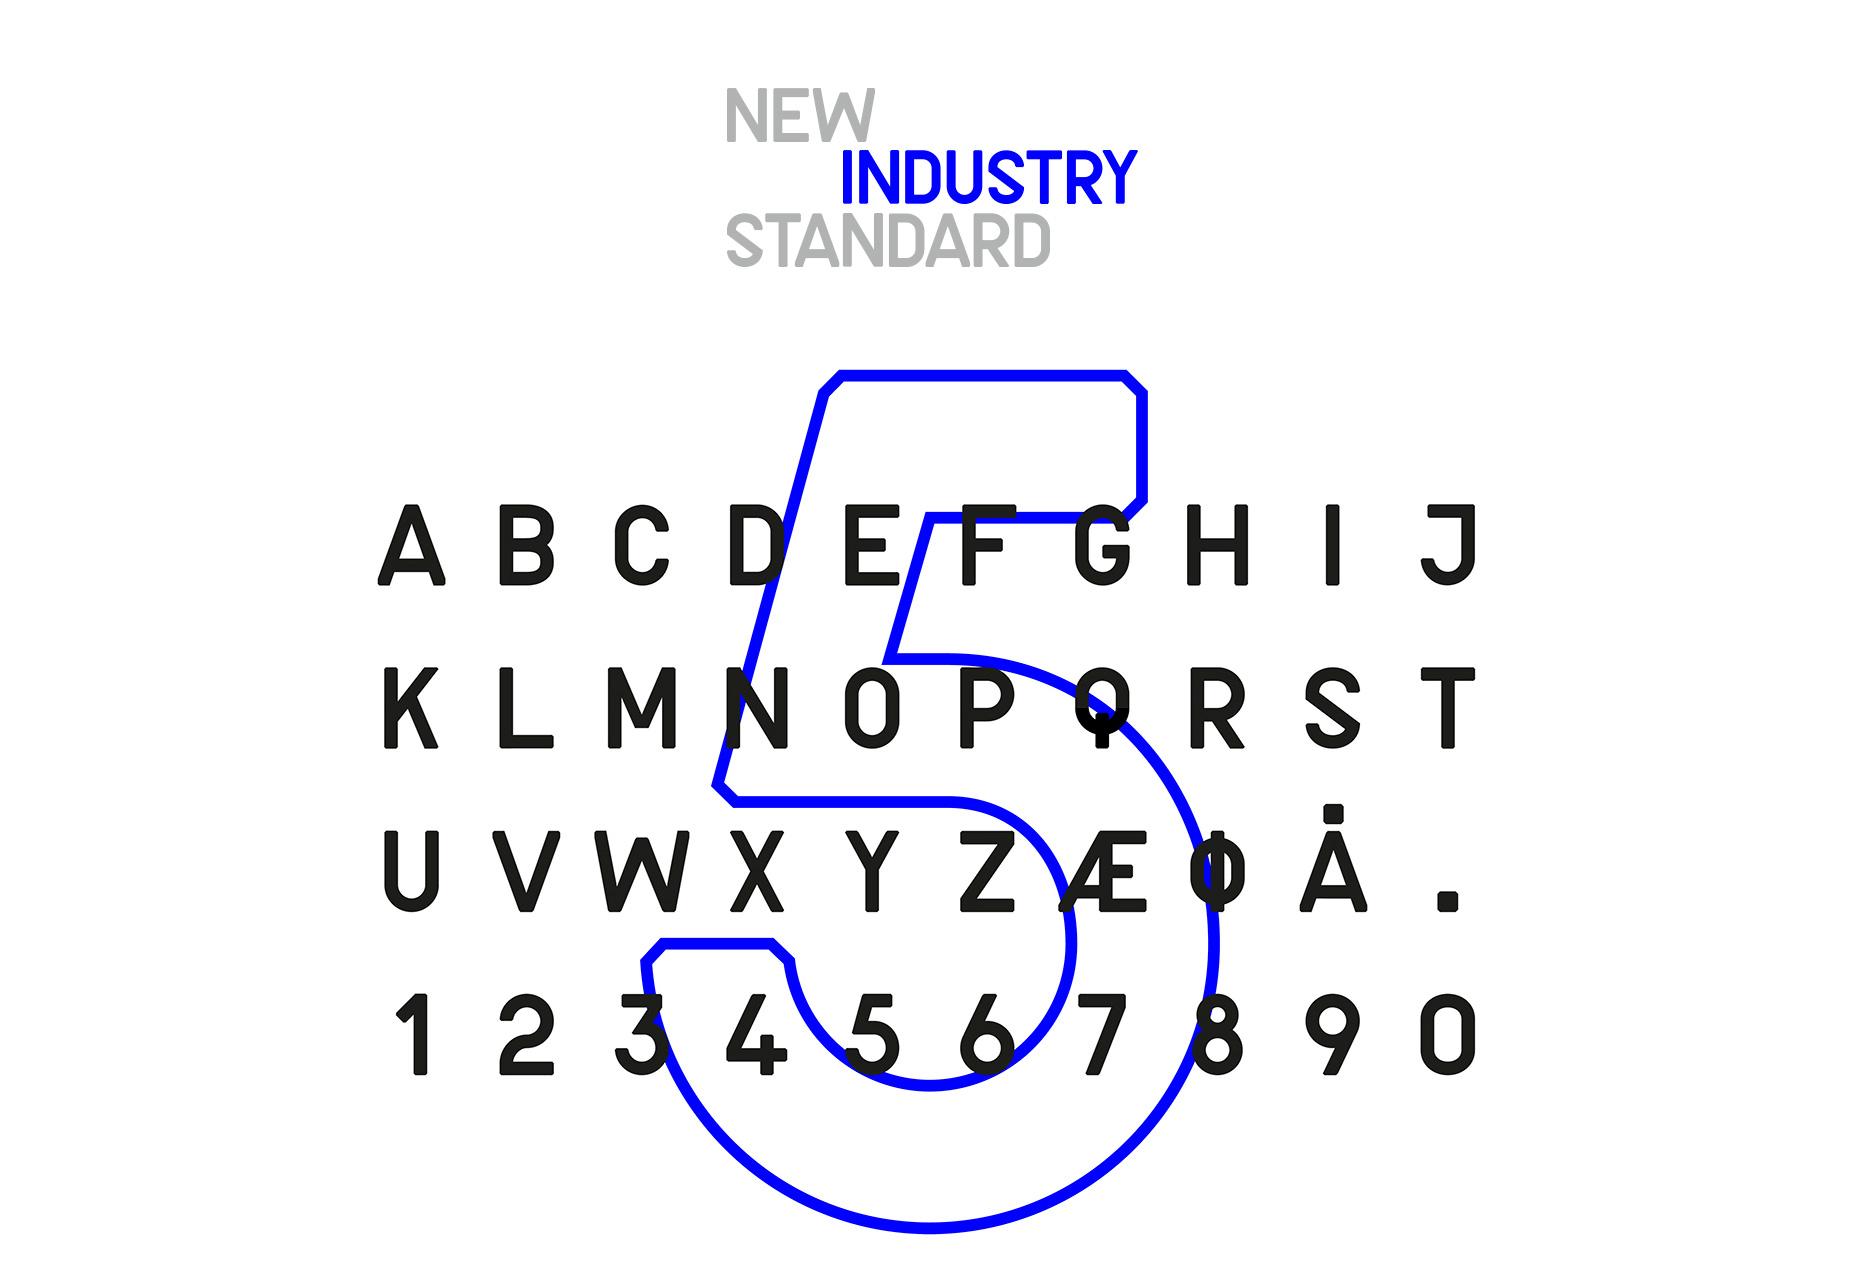 Nueva industria: tipografía de aspecto técnico